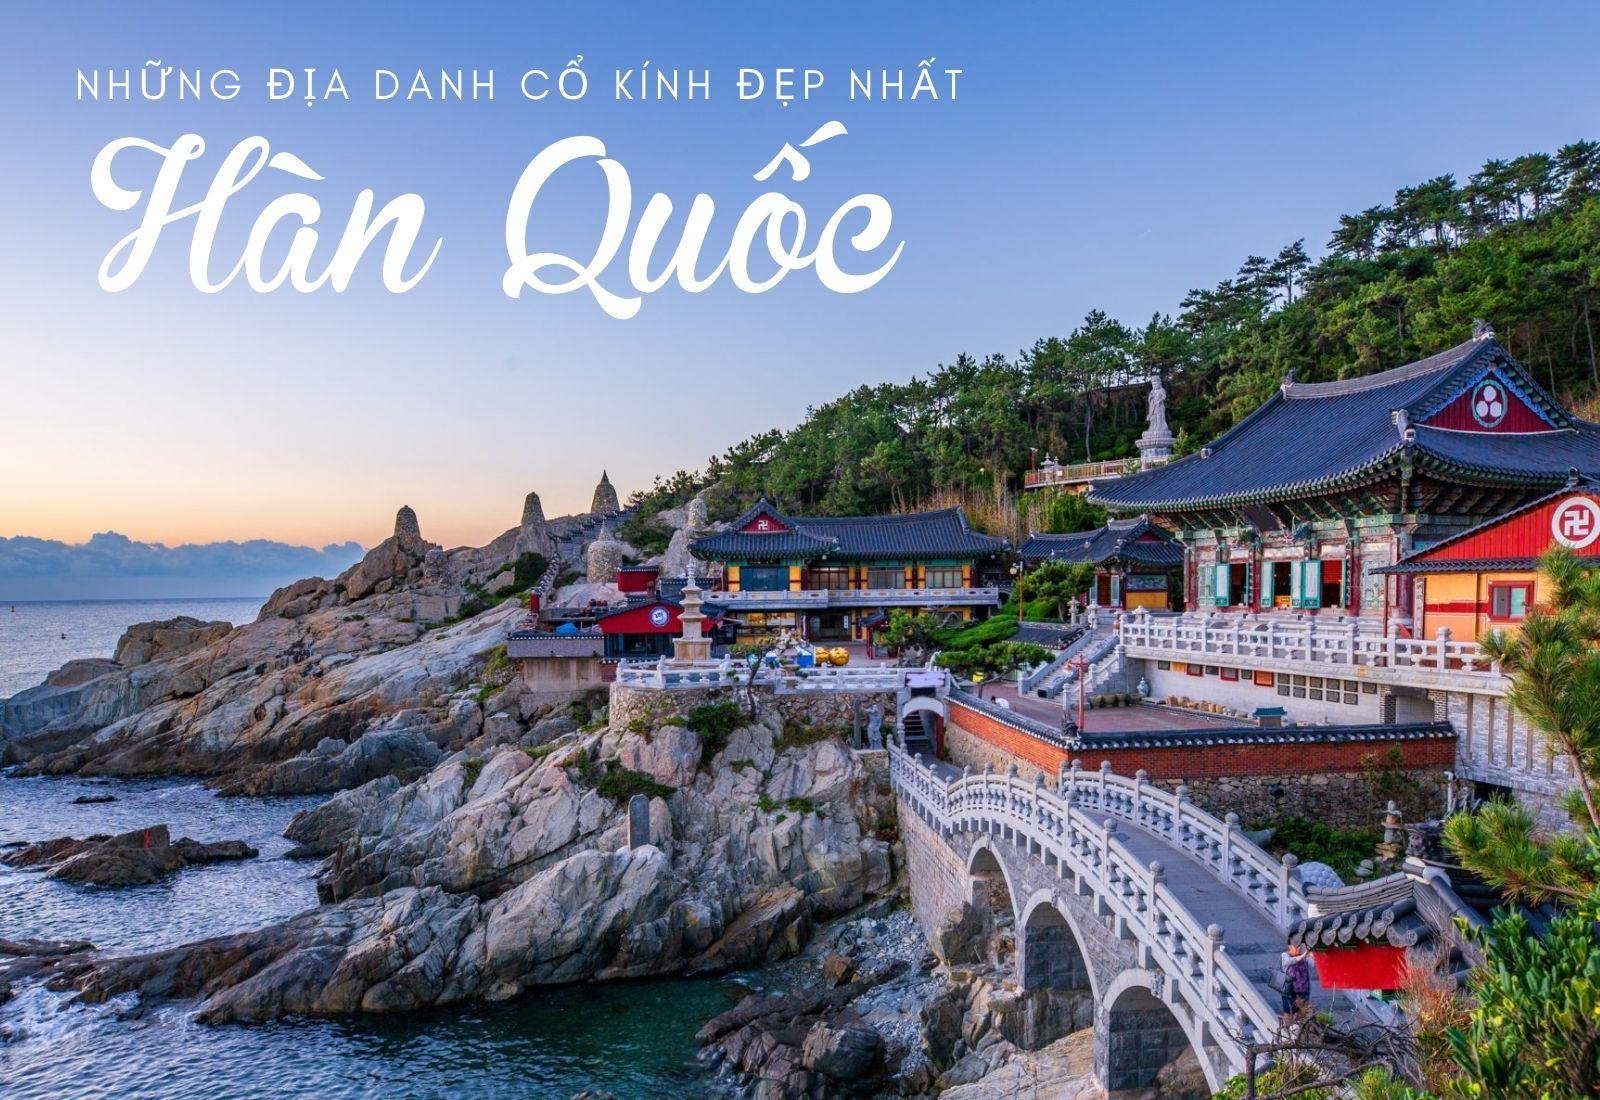 Những địa danh cổ kính đẹp nhất Hàn Quốc bạn đừng nên bỏ lỡ - 1